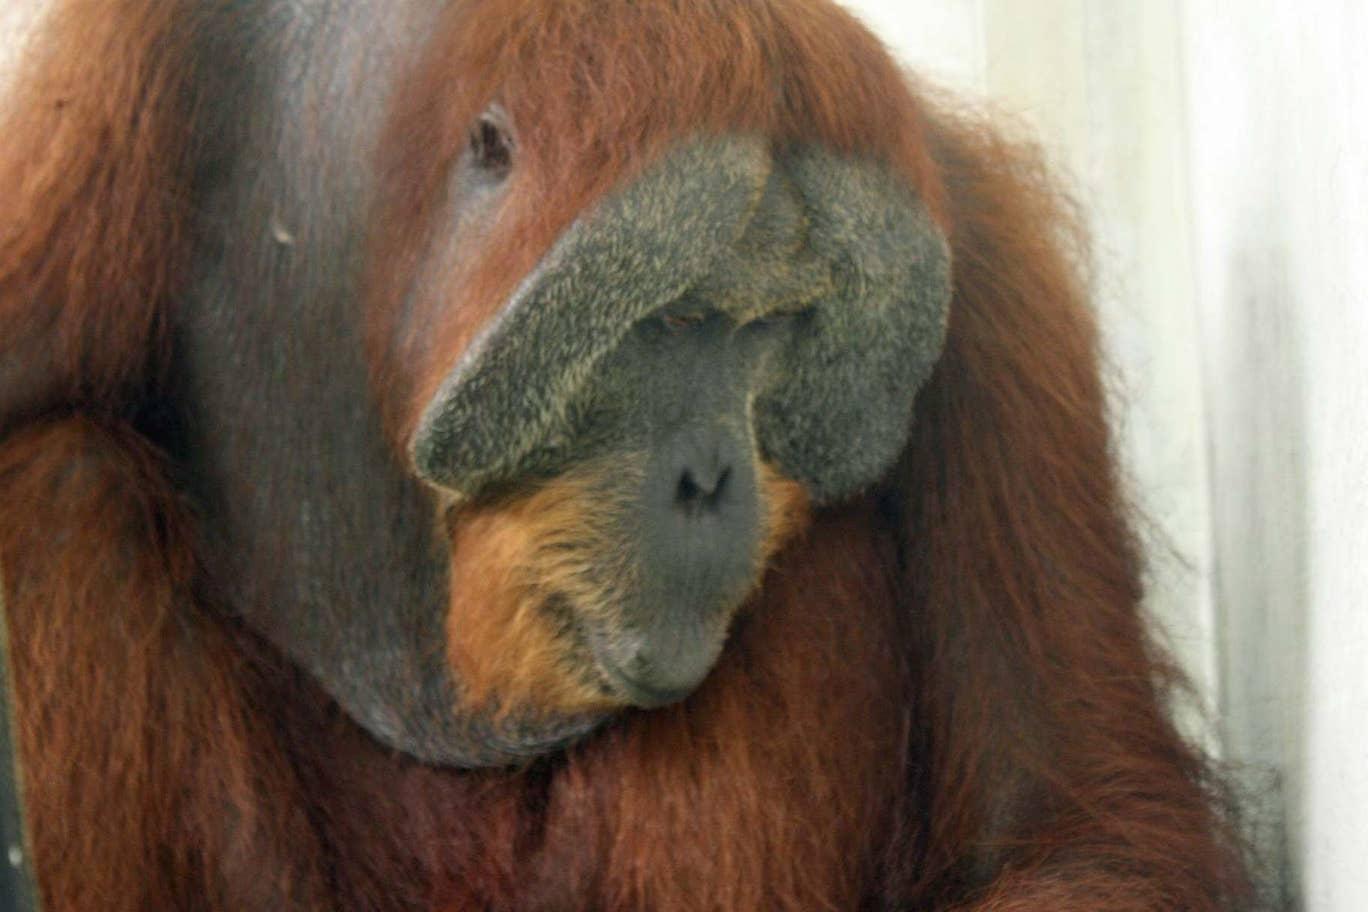 orangután, Sumatra, peligro de extinción, cazadores, arma de fuego